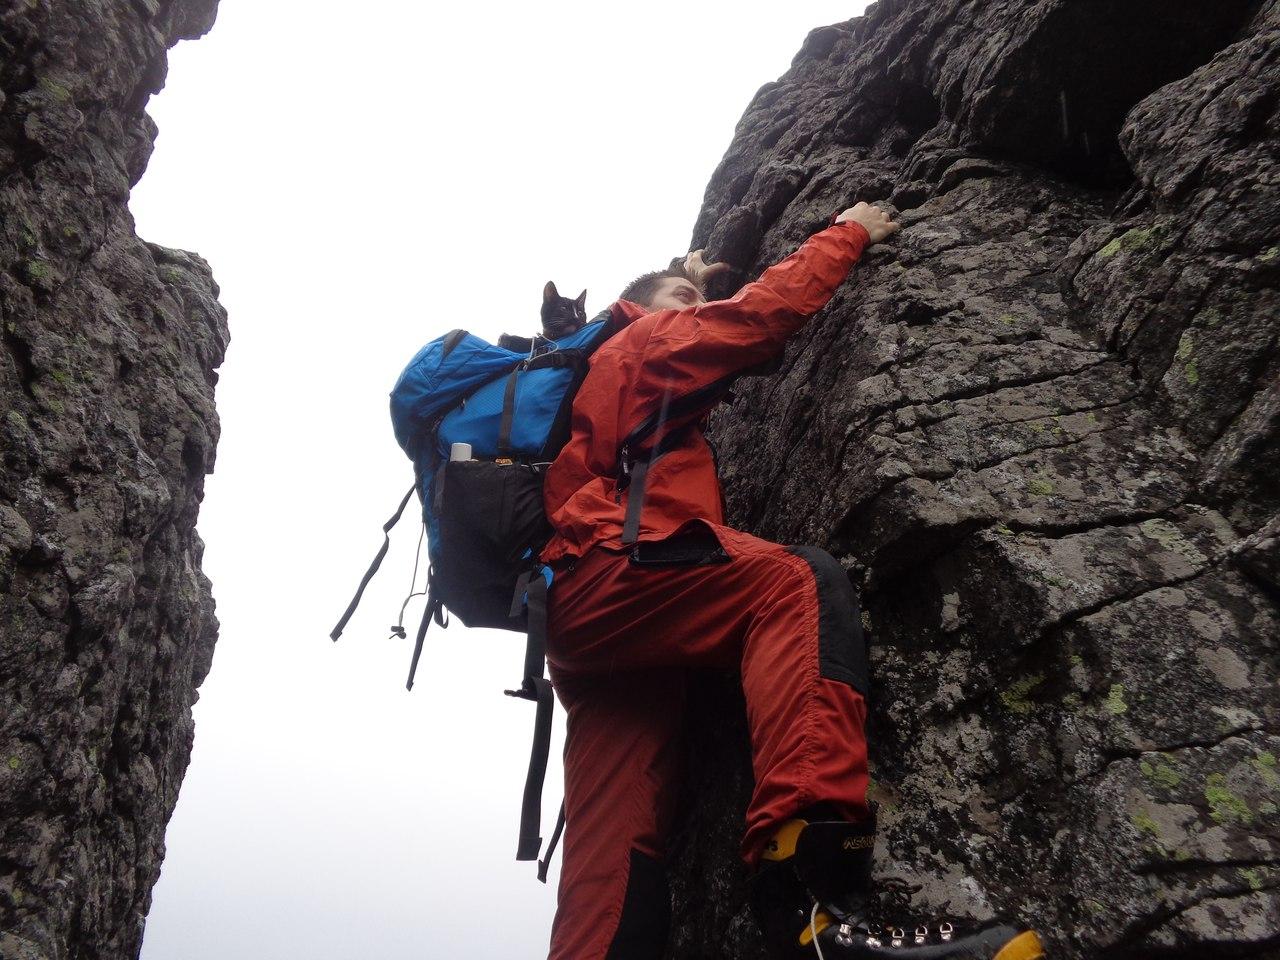 фото мужчины альпиниста википедии можно прочитать